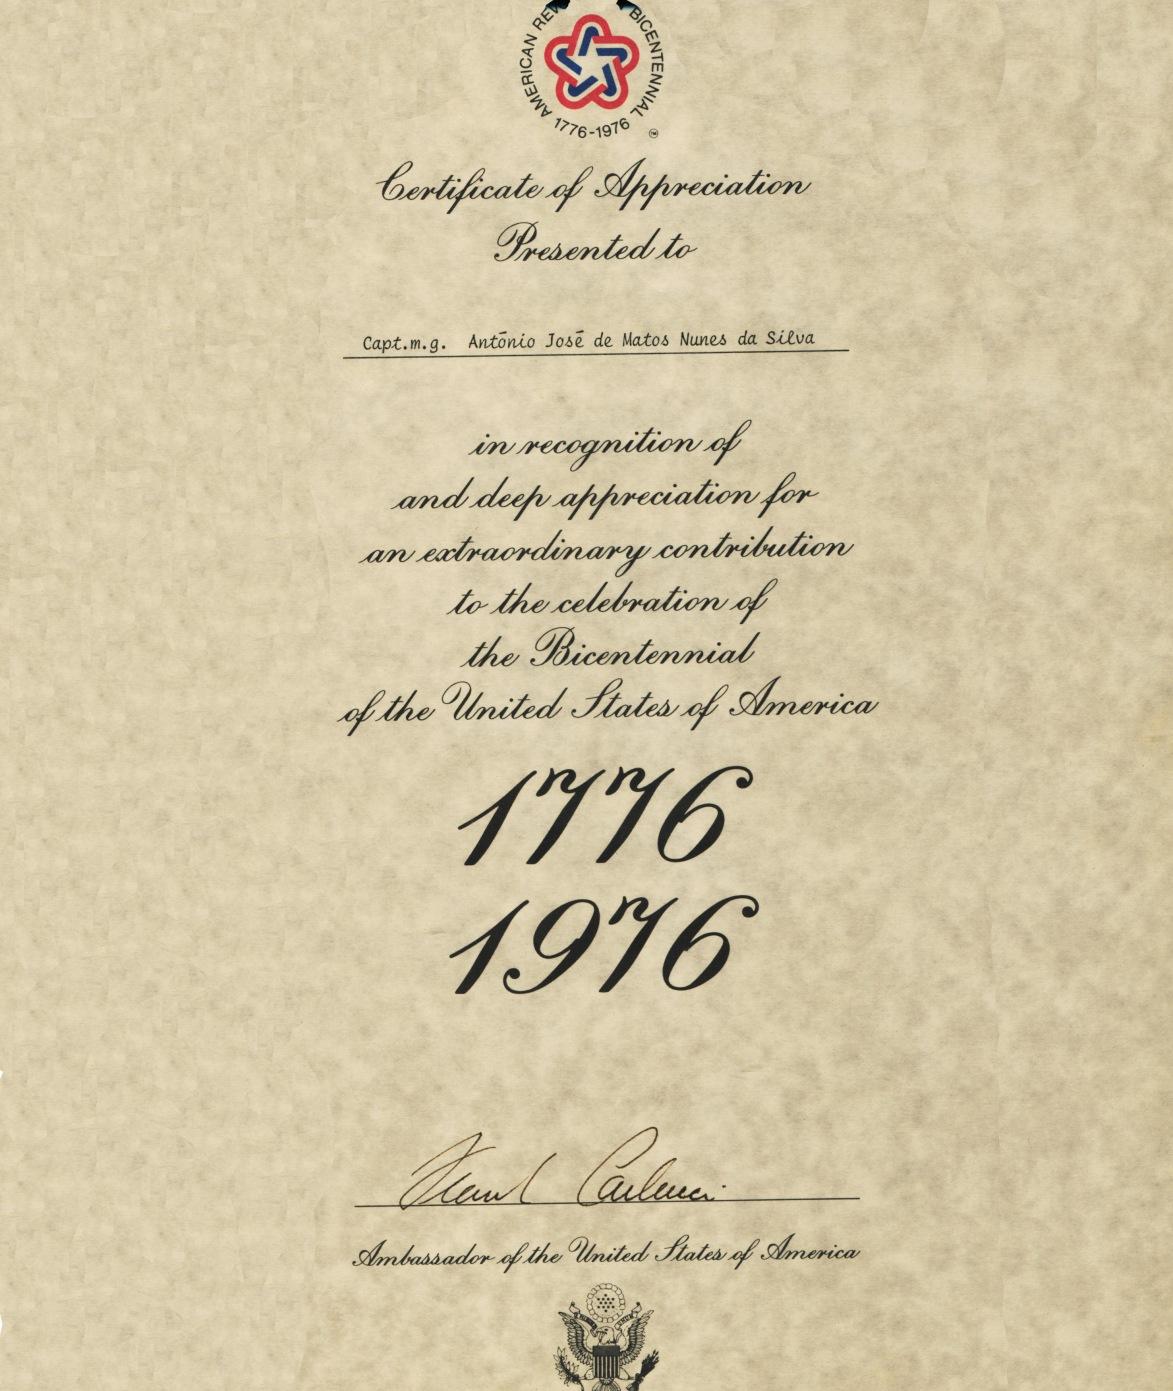 00762 976-09-13 Diploma entregue por embaixador Carlluci dos EUA pela participação no Bi Centenário dos EUA